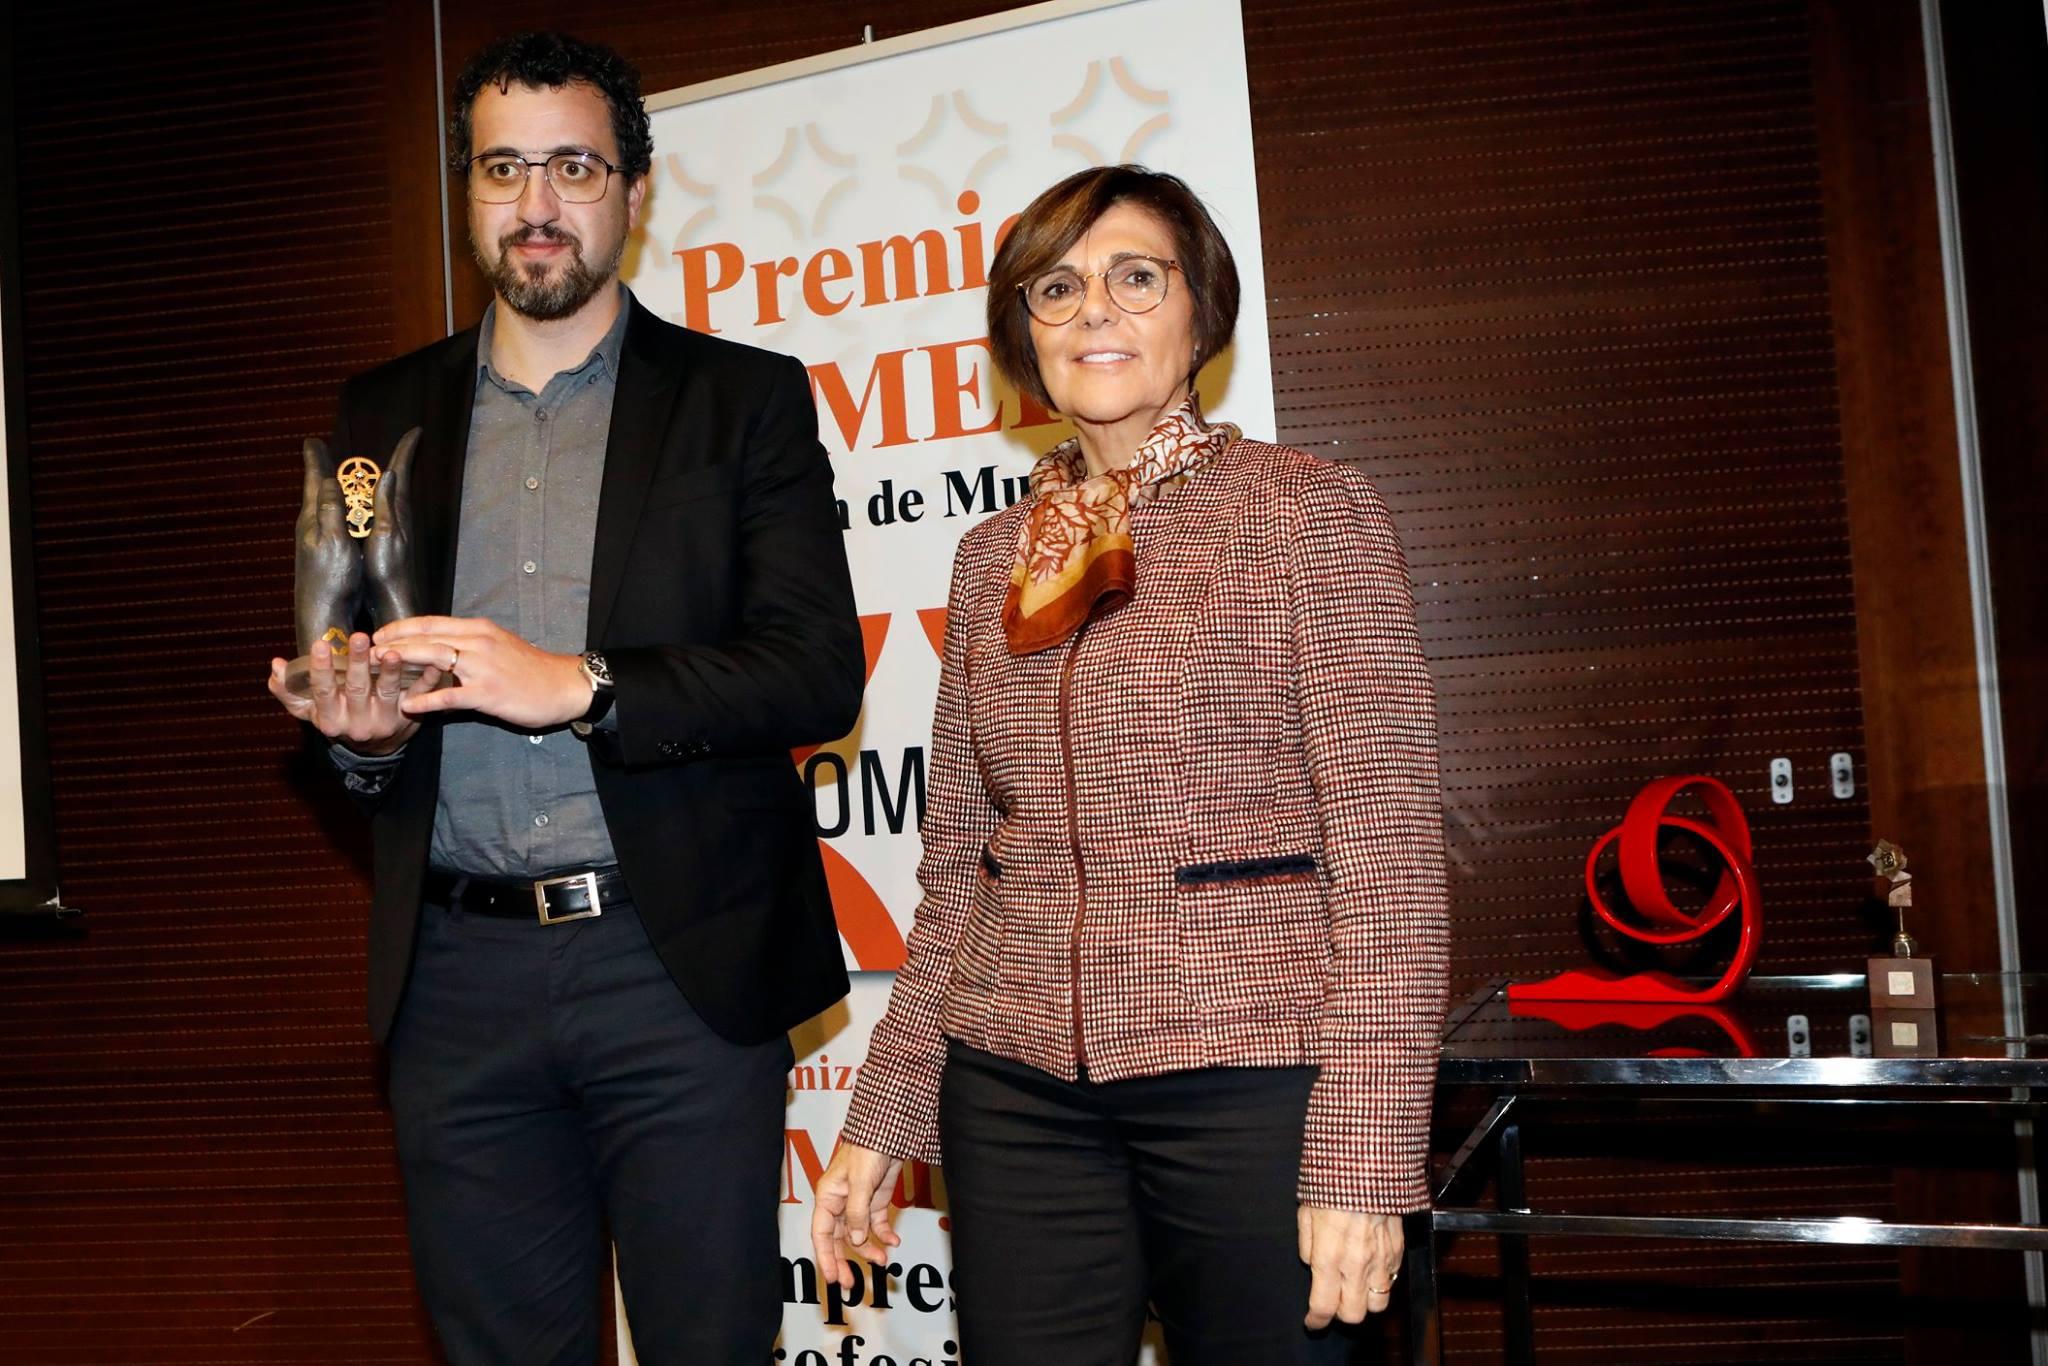 Fama, premio empresa por la igualdad y finalista PYME del año en Murcia.